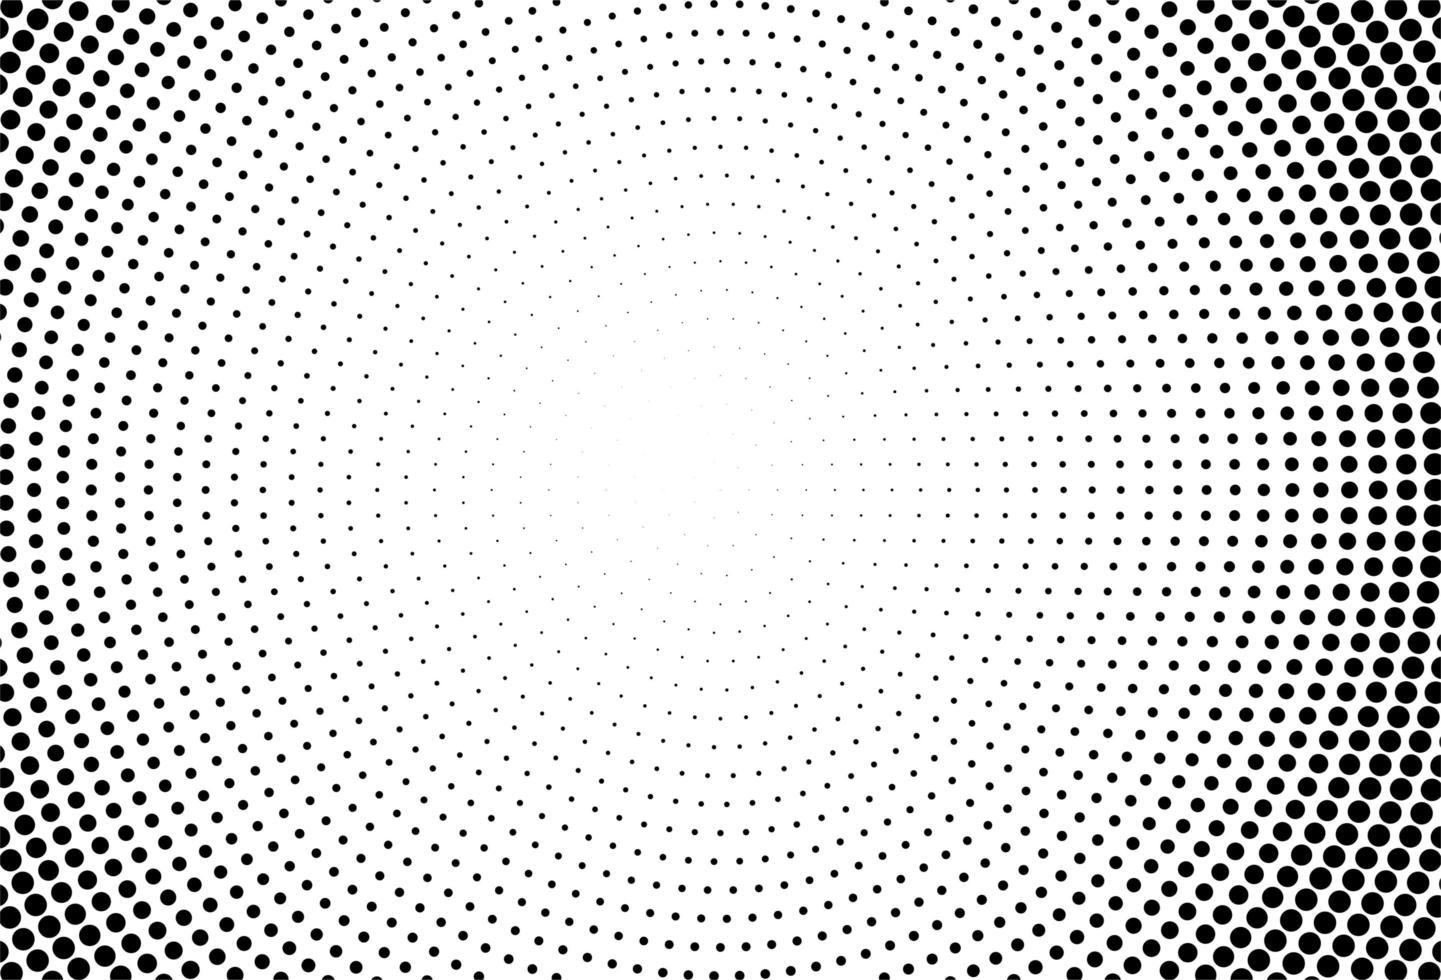 círculos abstractos fondo de puntos negros vector